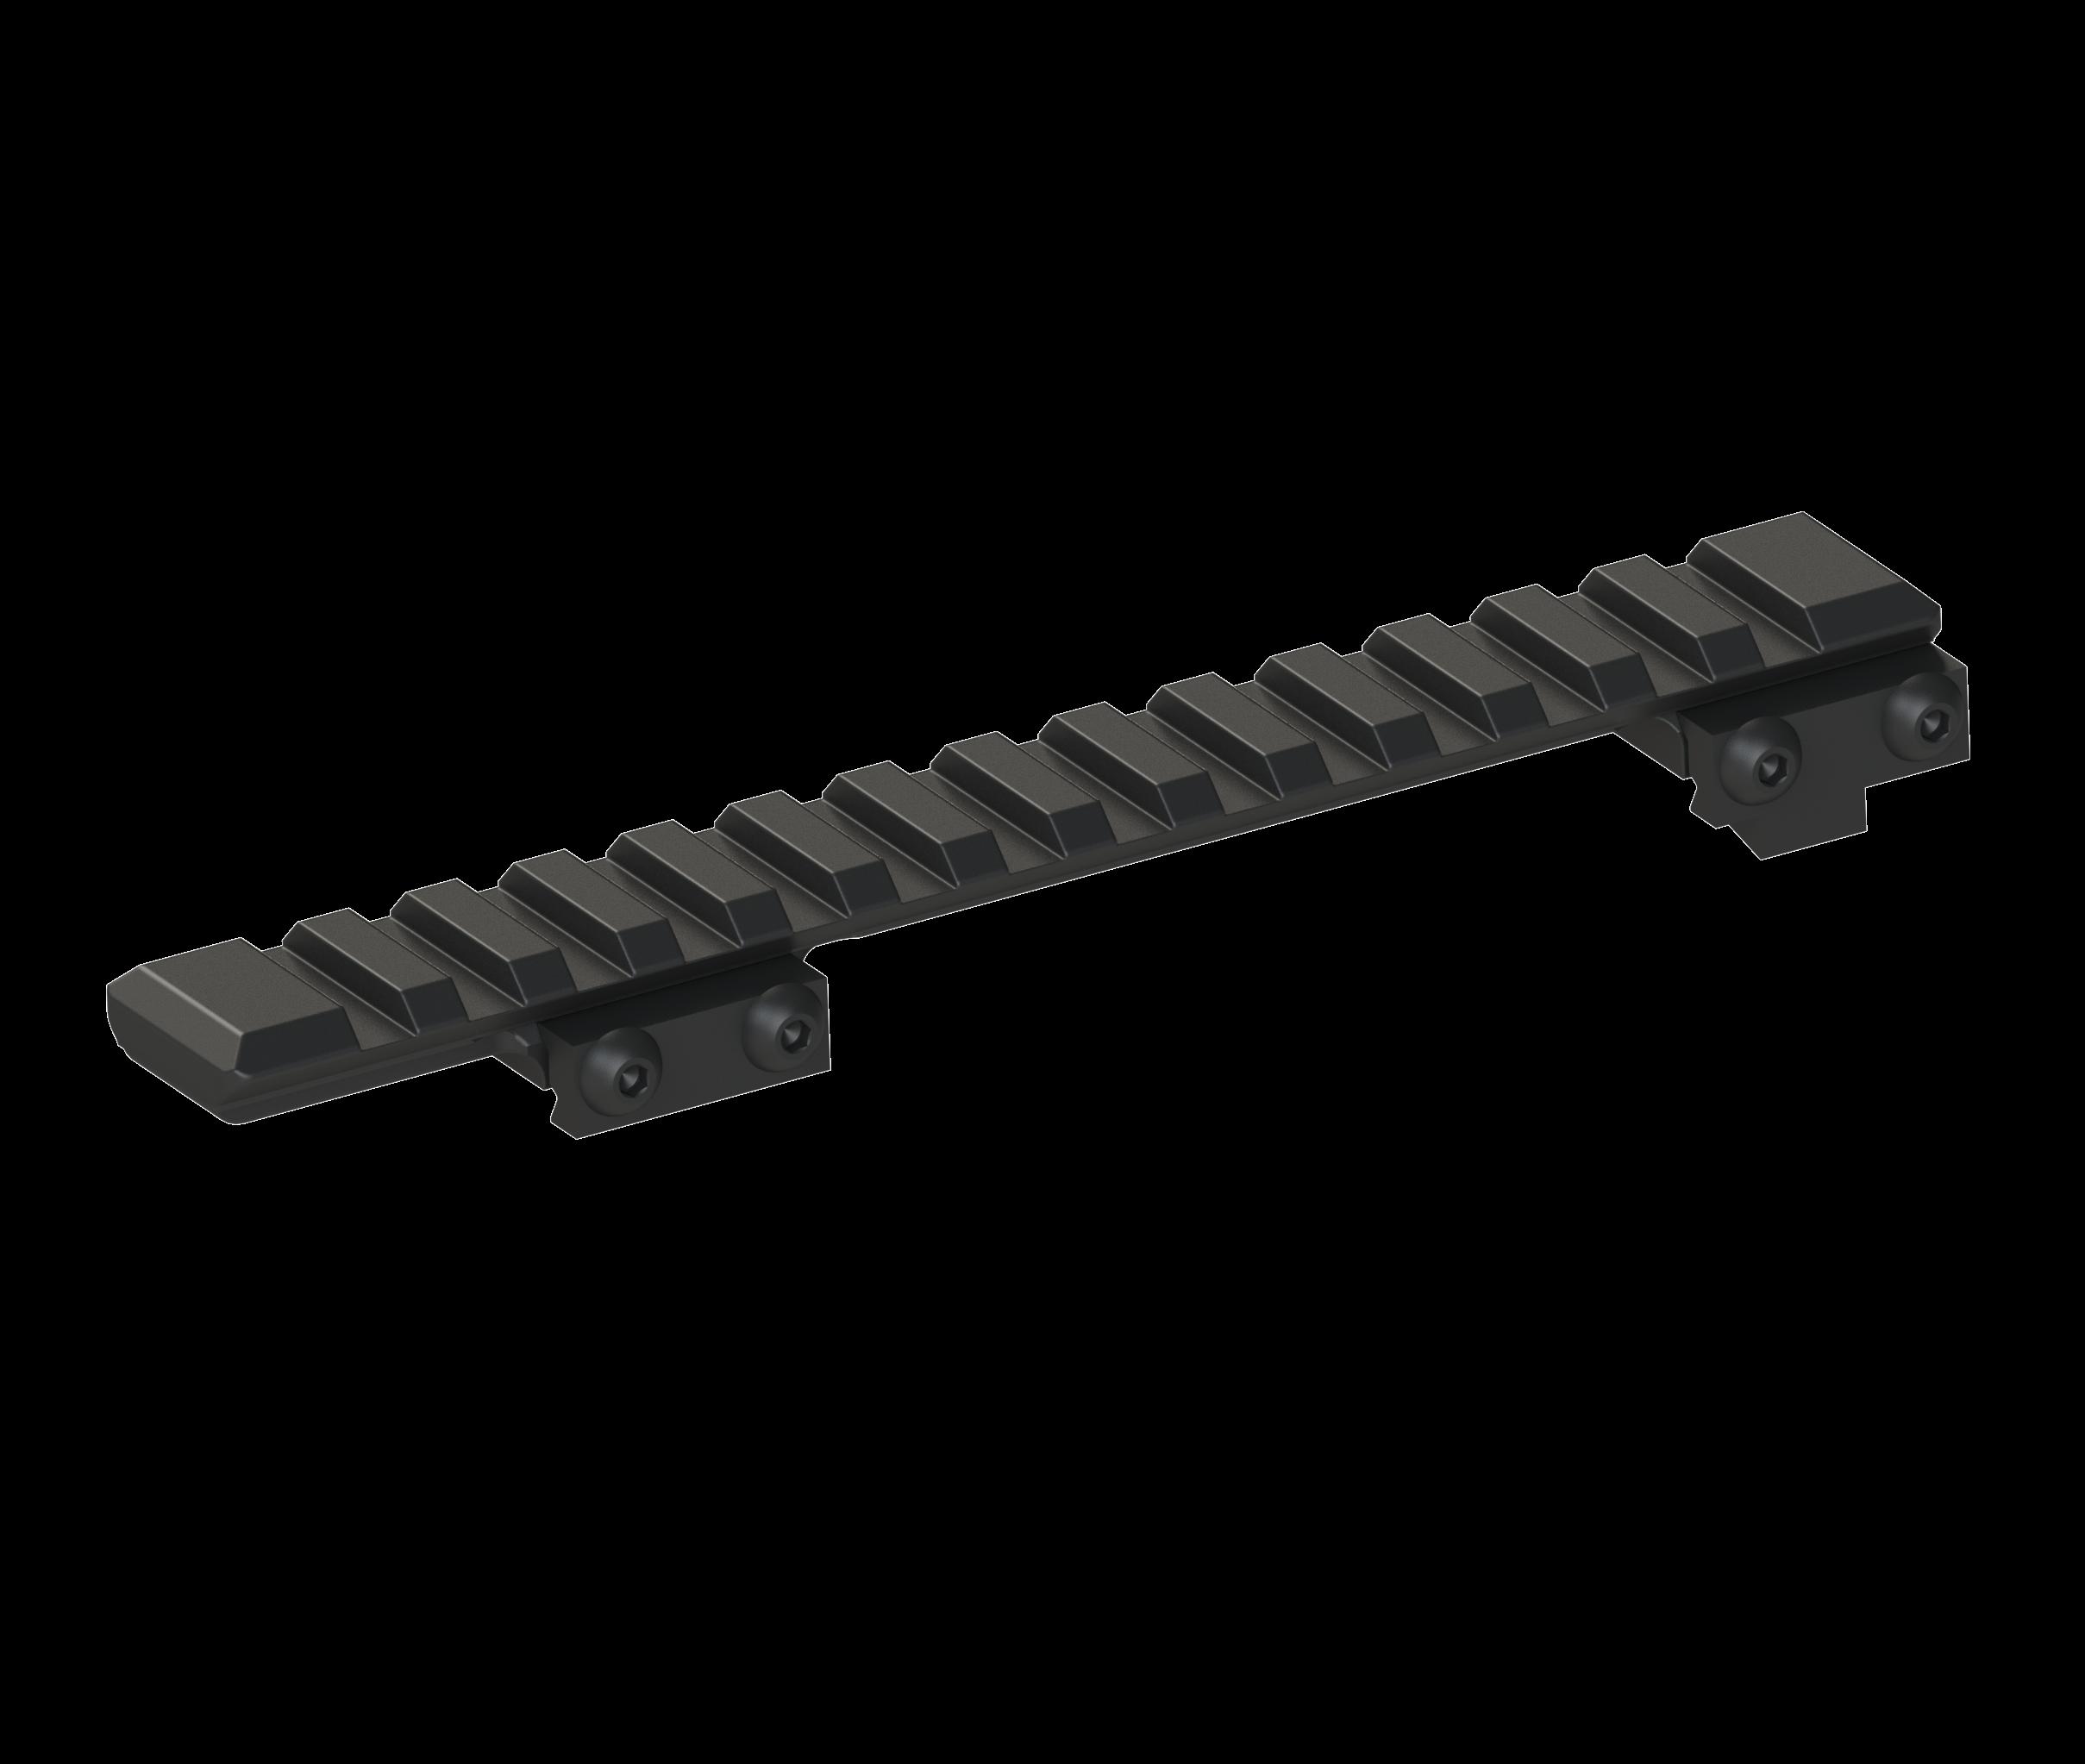 NEW Korum Snapper Latex Folding Spoon Pike Net Z0720001